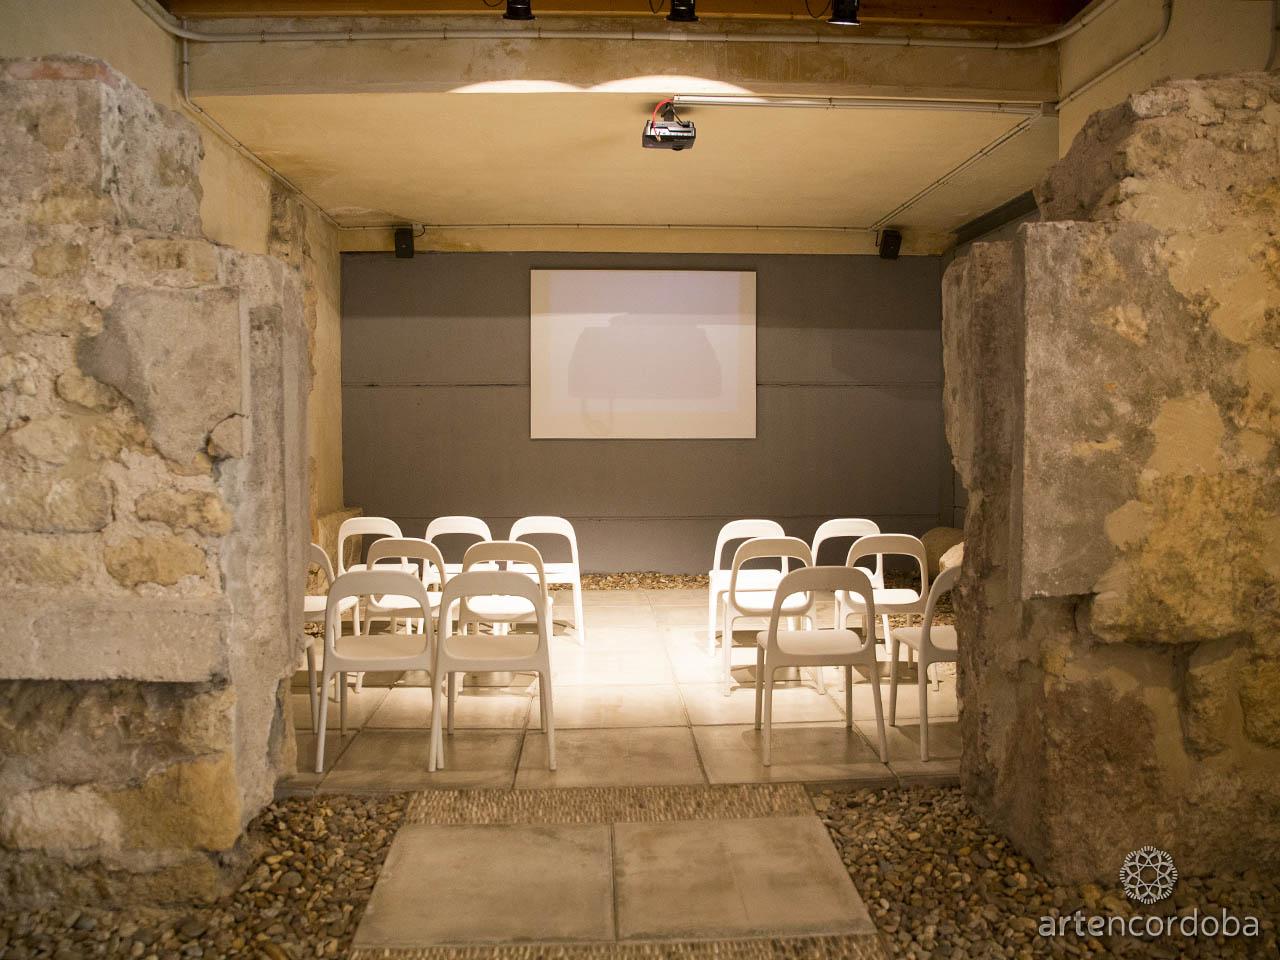 Sala de Audiovisuales de los Baños Árabes del Alcázar Califal (Baños Califales) de Córdoba